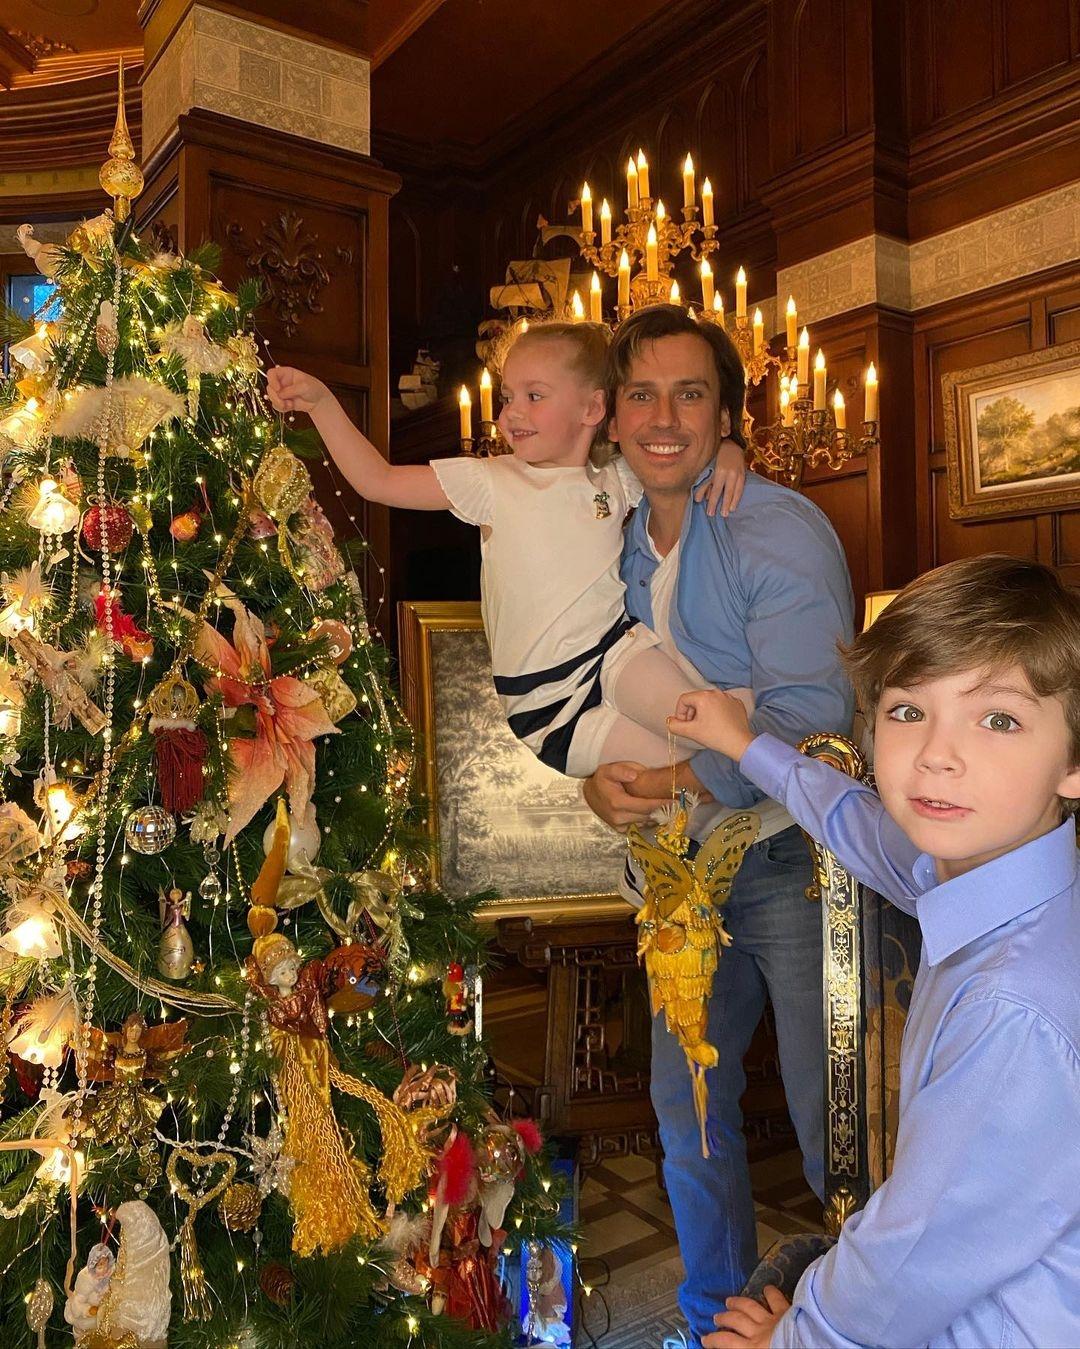 Максим Галкин показал, как с детьми украшает новогоднюю елку (ФОТО) - фото №1